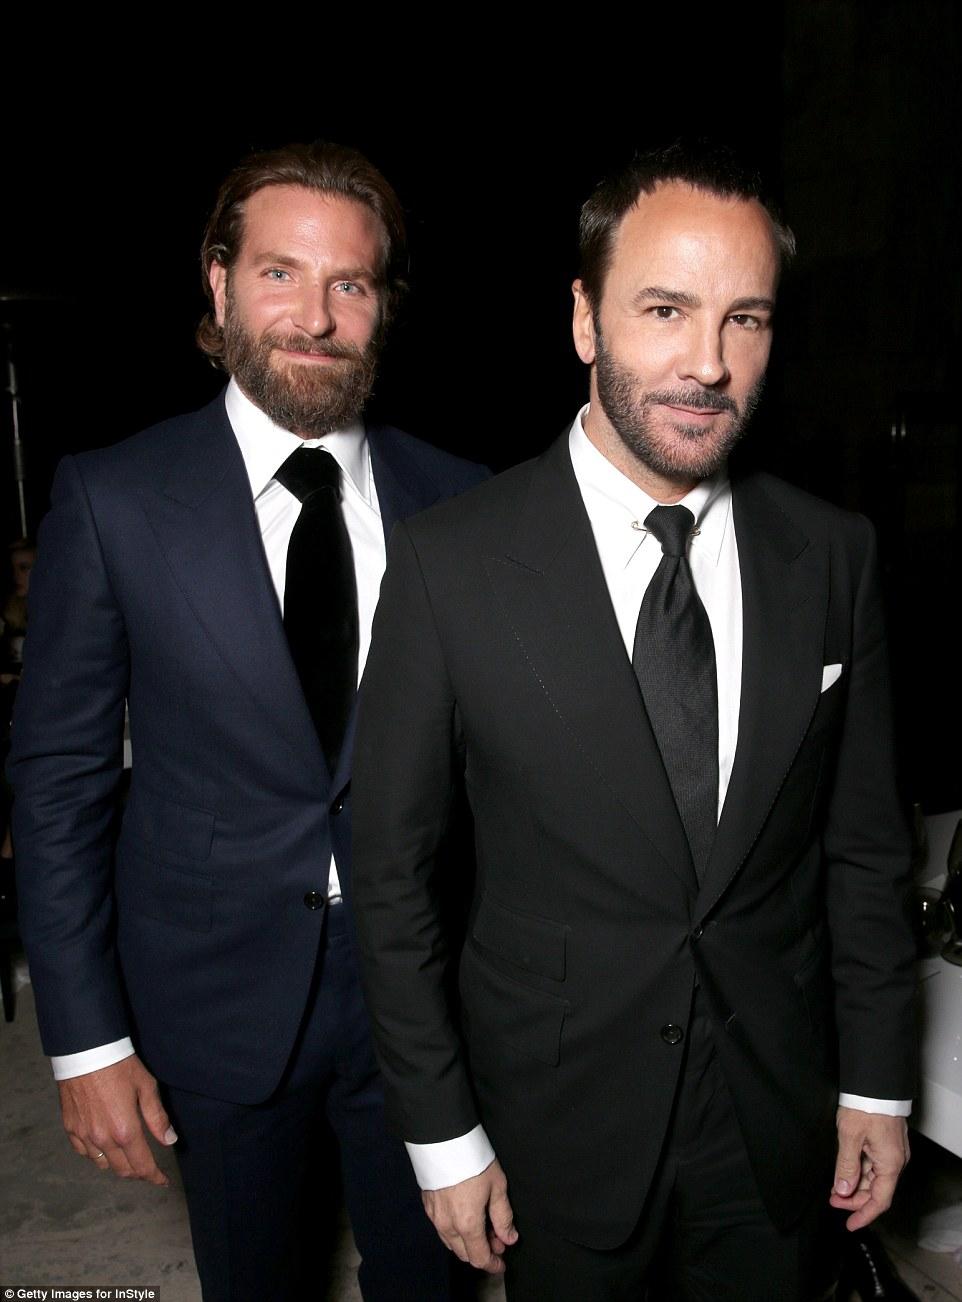 A boa aparência par: Tom Ford e Bradley certamente reduzir figuras inteligentes na festa